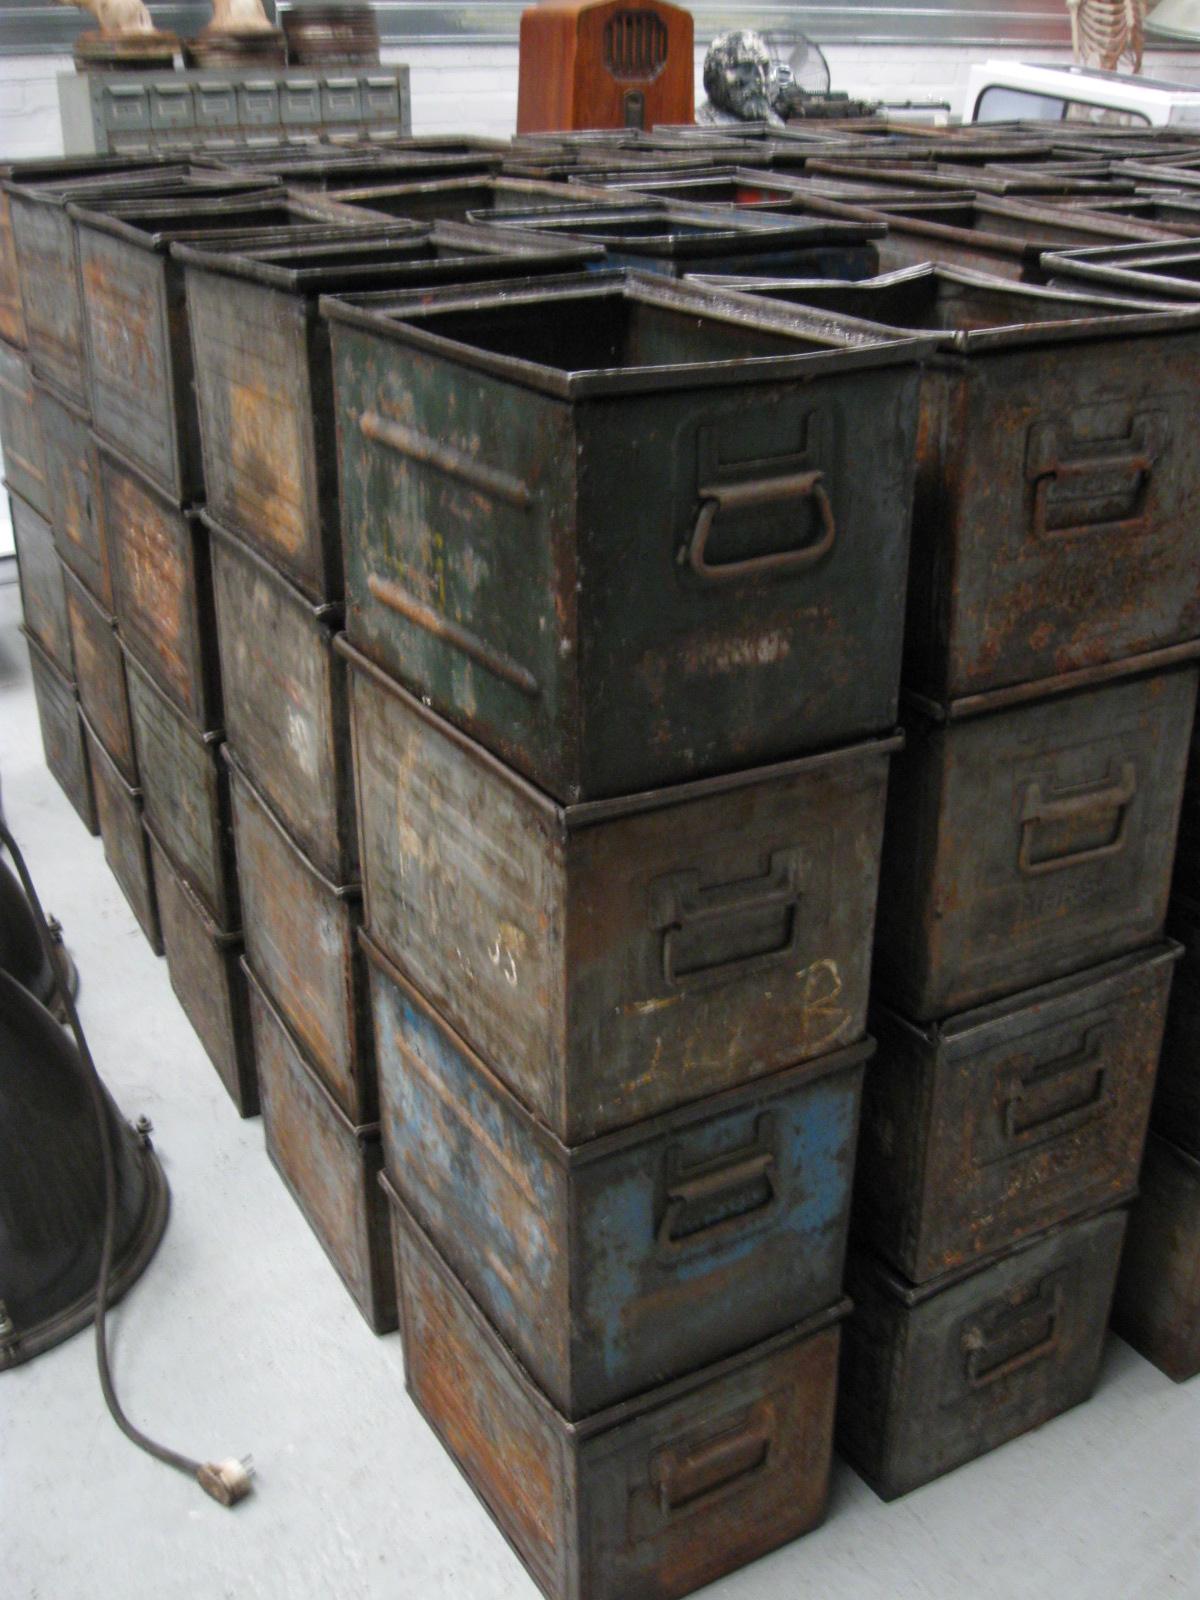 Fonkelnieuw industriele kisten ijzeren kist no 275 - Landzicht Houtsberg NU-64